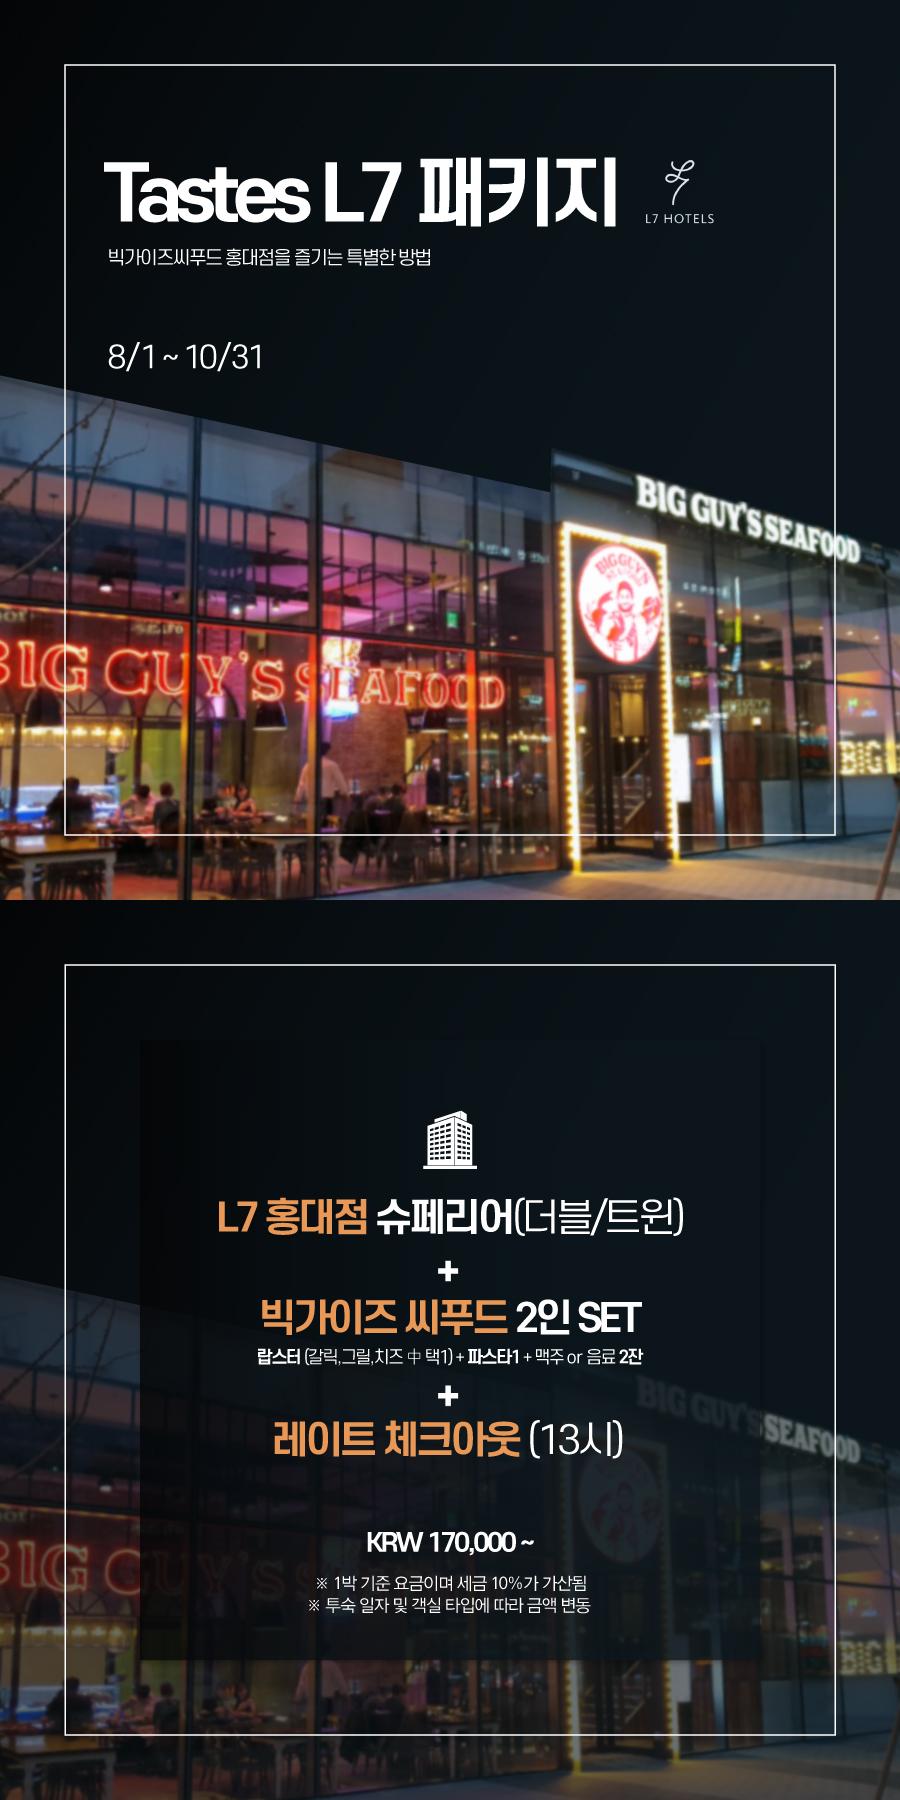 빅가이즈씨푸드 홍대점 Tastes L7 패키지 이벤트